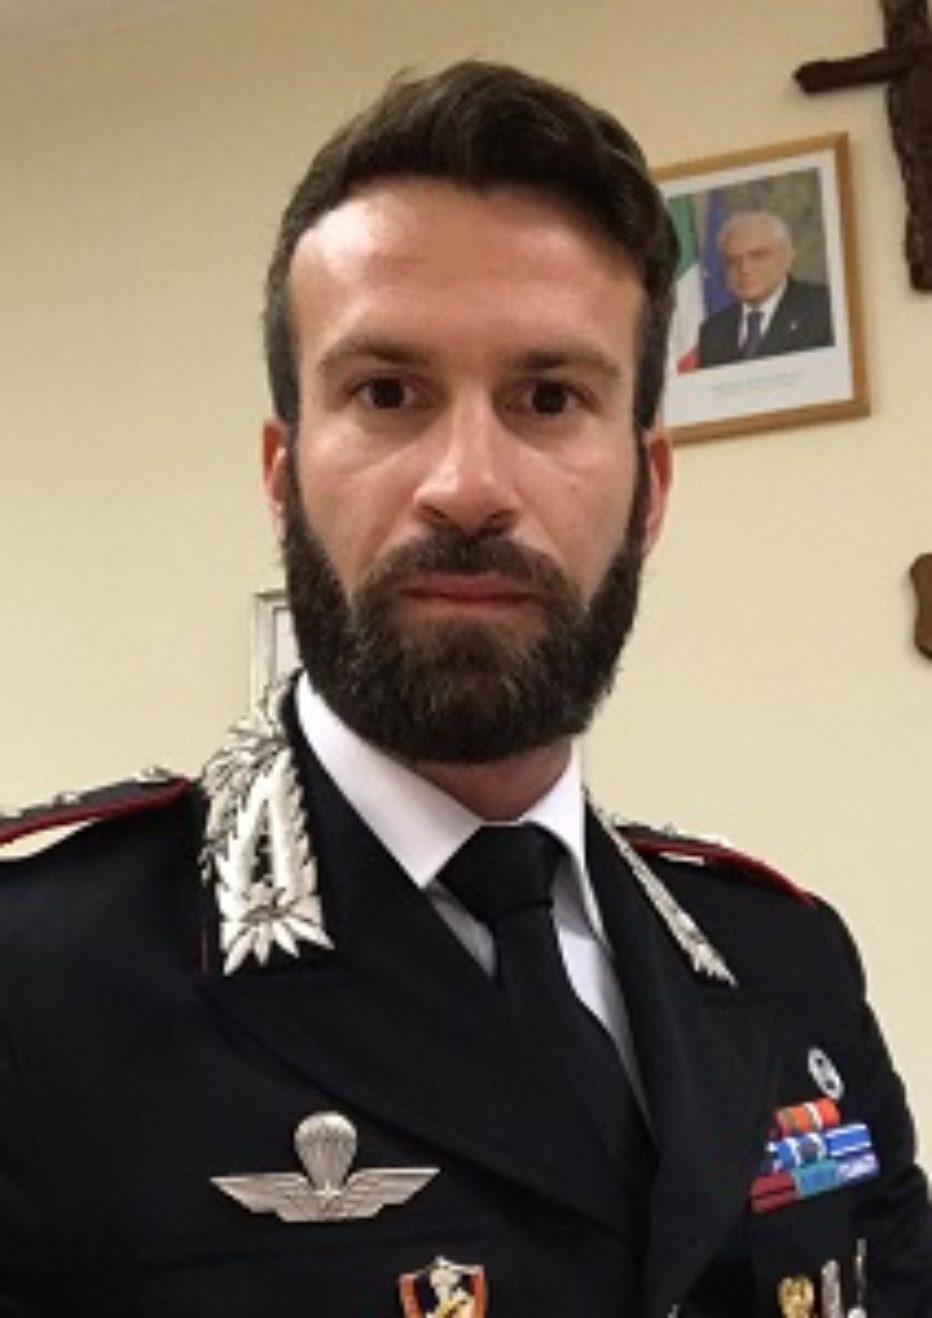 Avvicendamento al comando della Compagnia dei Carabinieri di Cortina. Il capitano Biasone subentra al maggiore Rocchi.